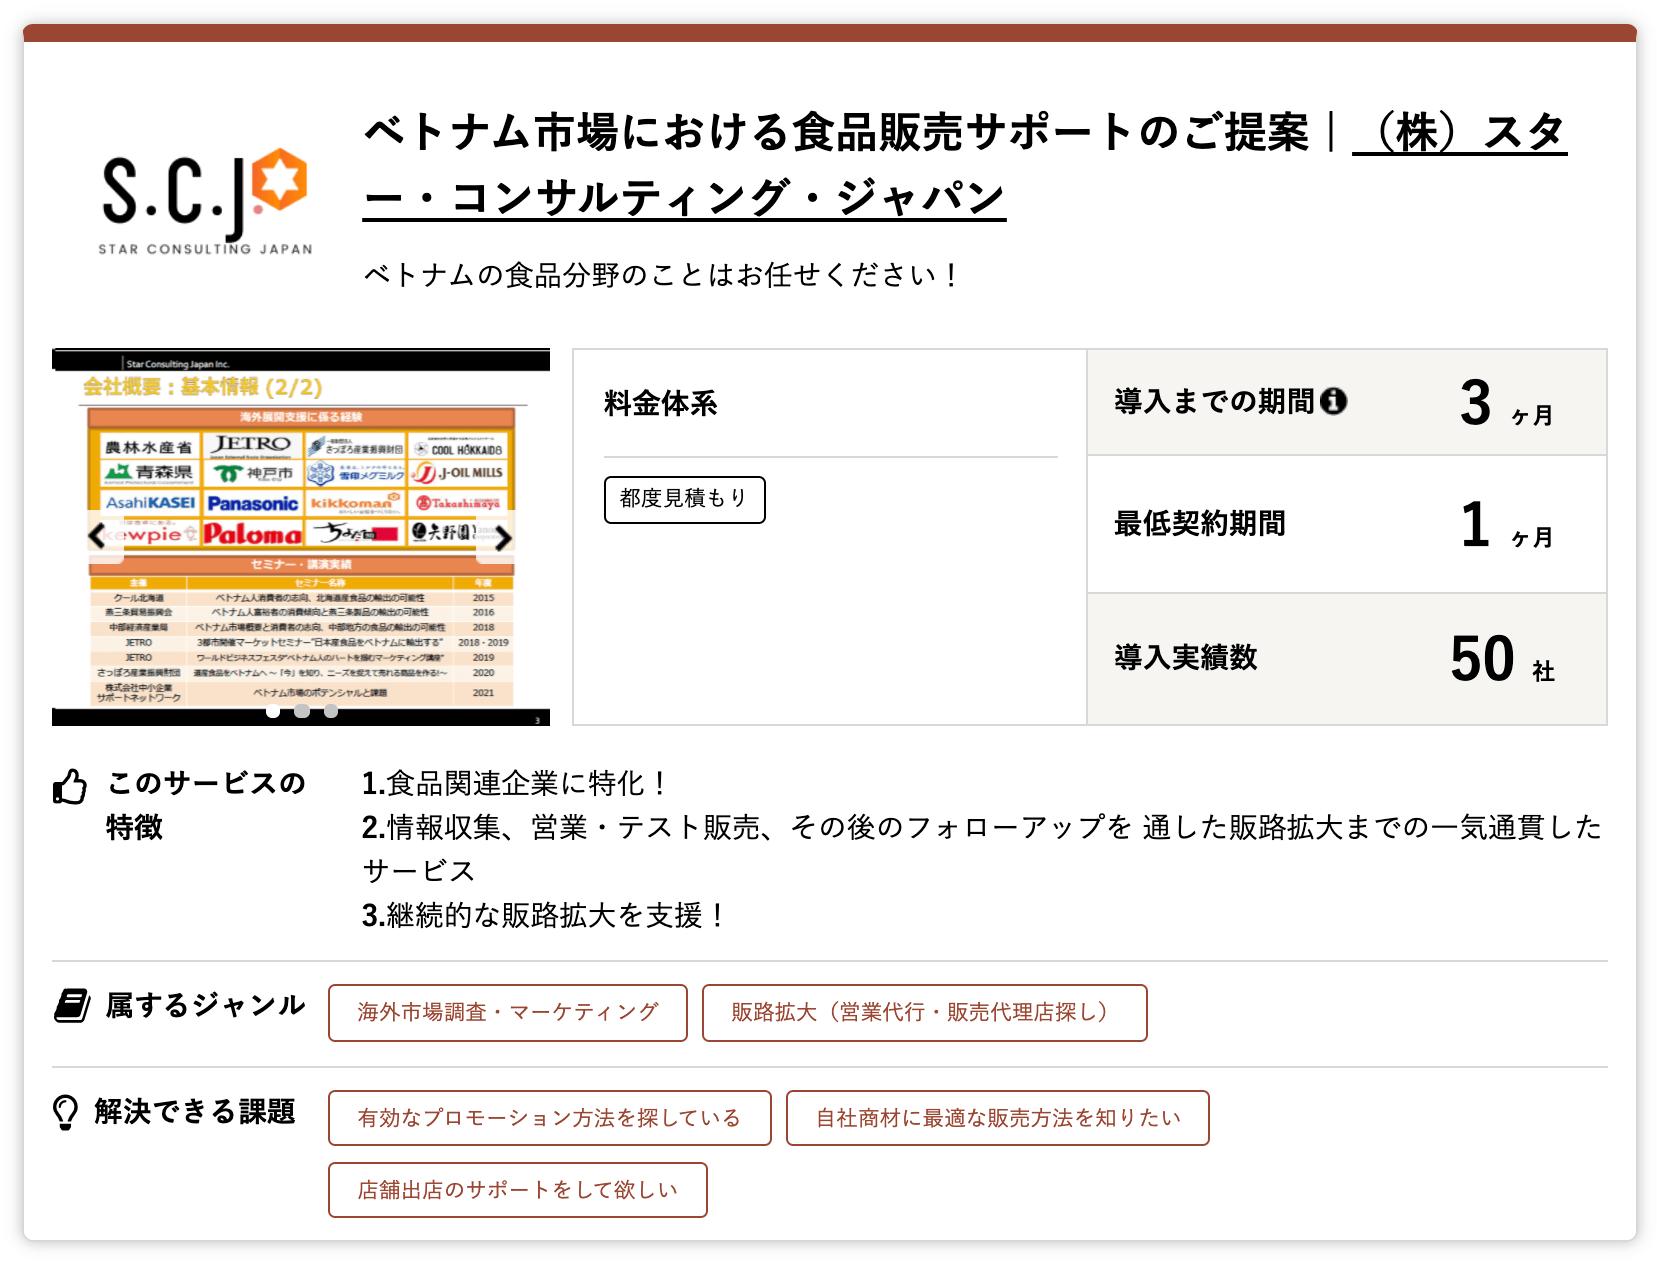 (株)スター・コンサルティング・ジャパン